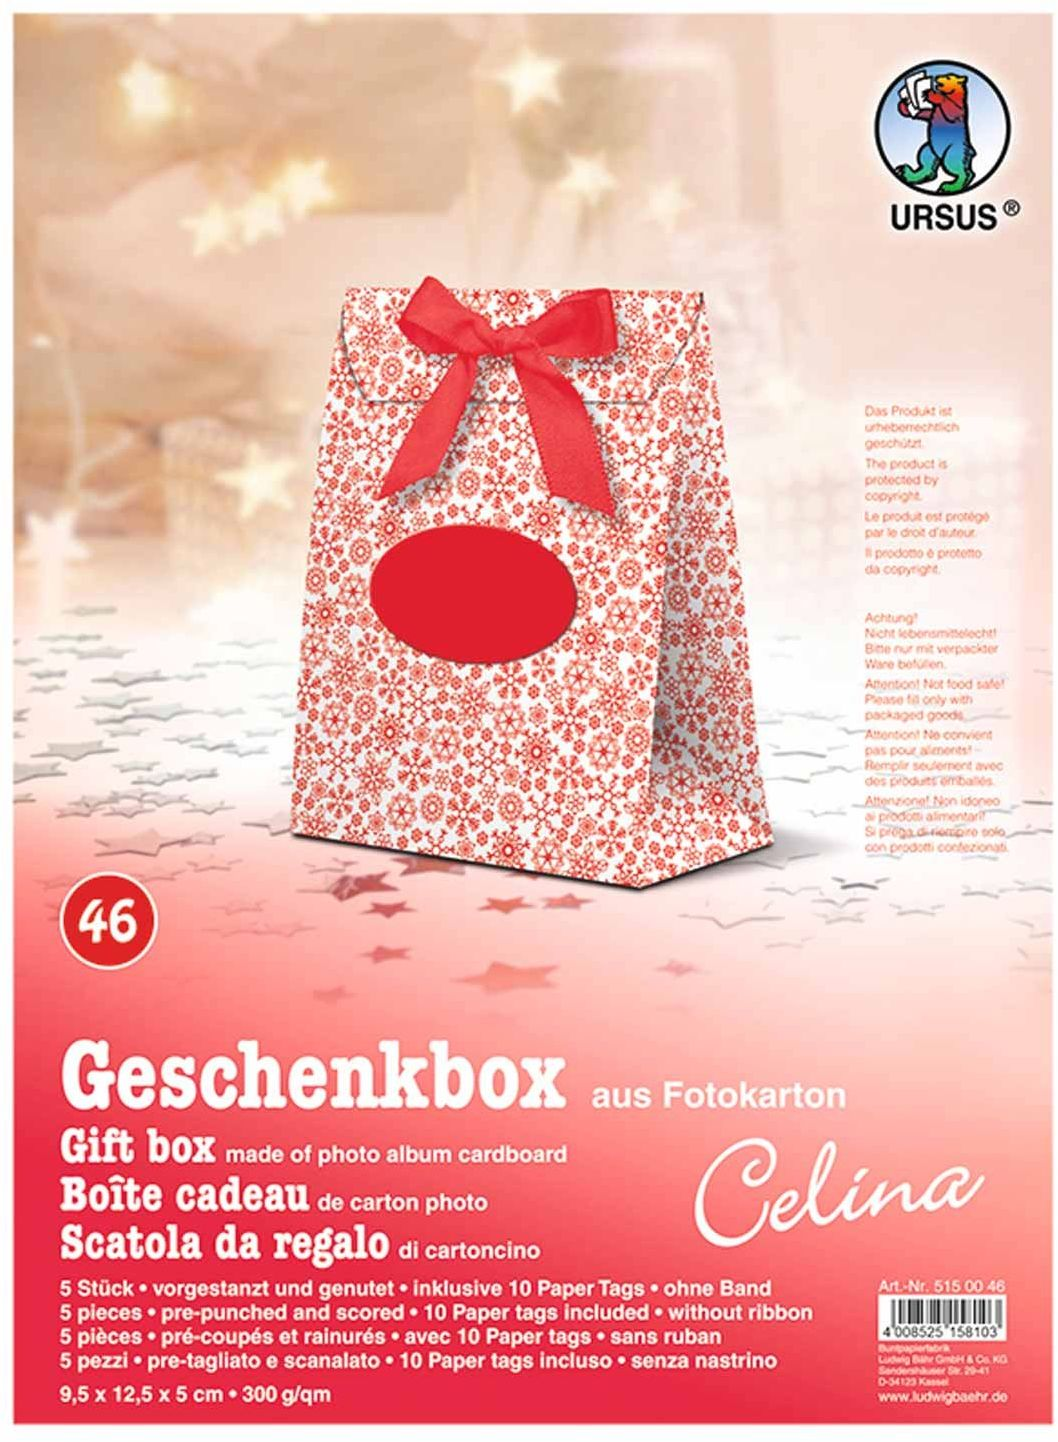 Ursus 5150046  pudełko prezentowe Celina, 5 sztuk, śnieg czerwony